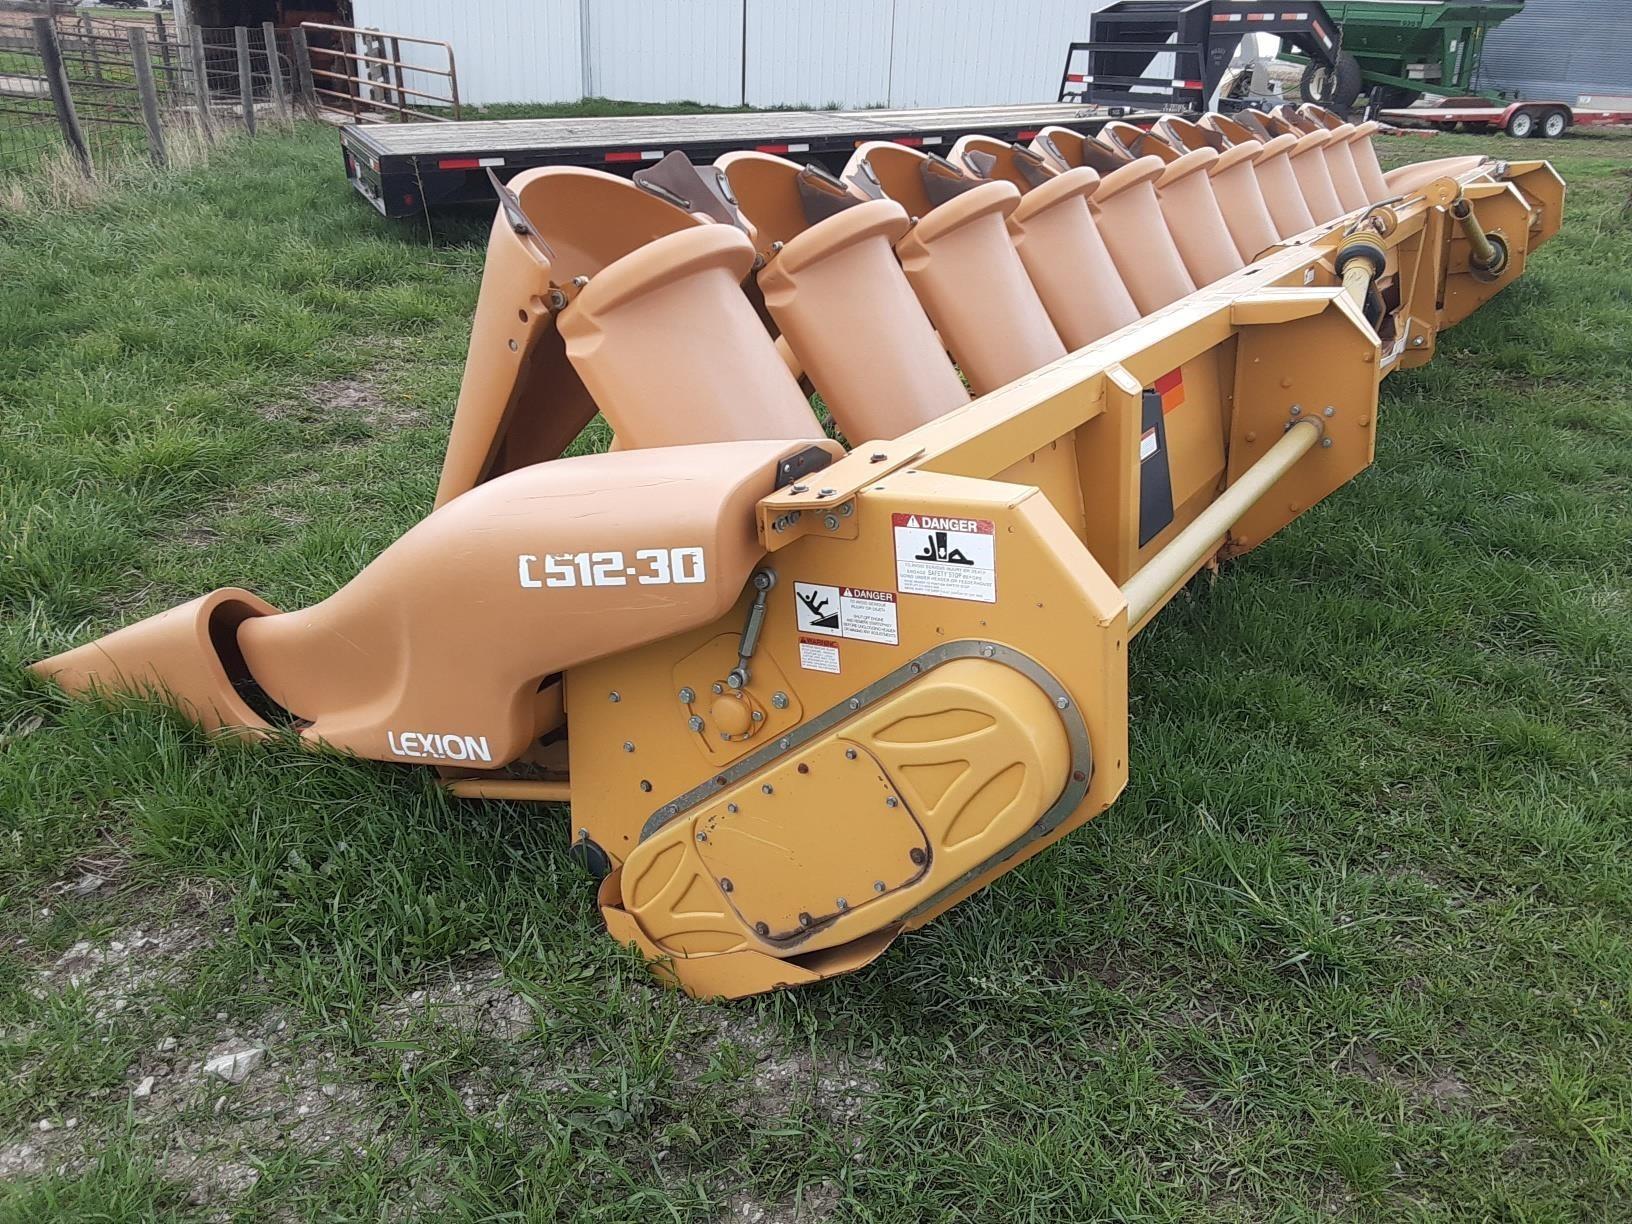 2009 Claas C512-30 Corn Head